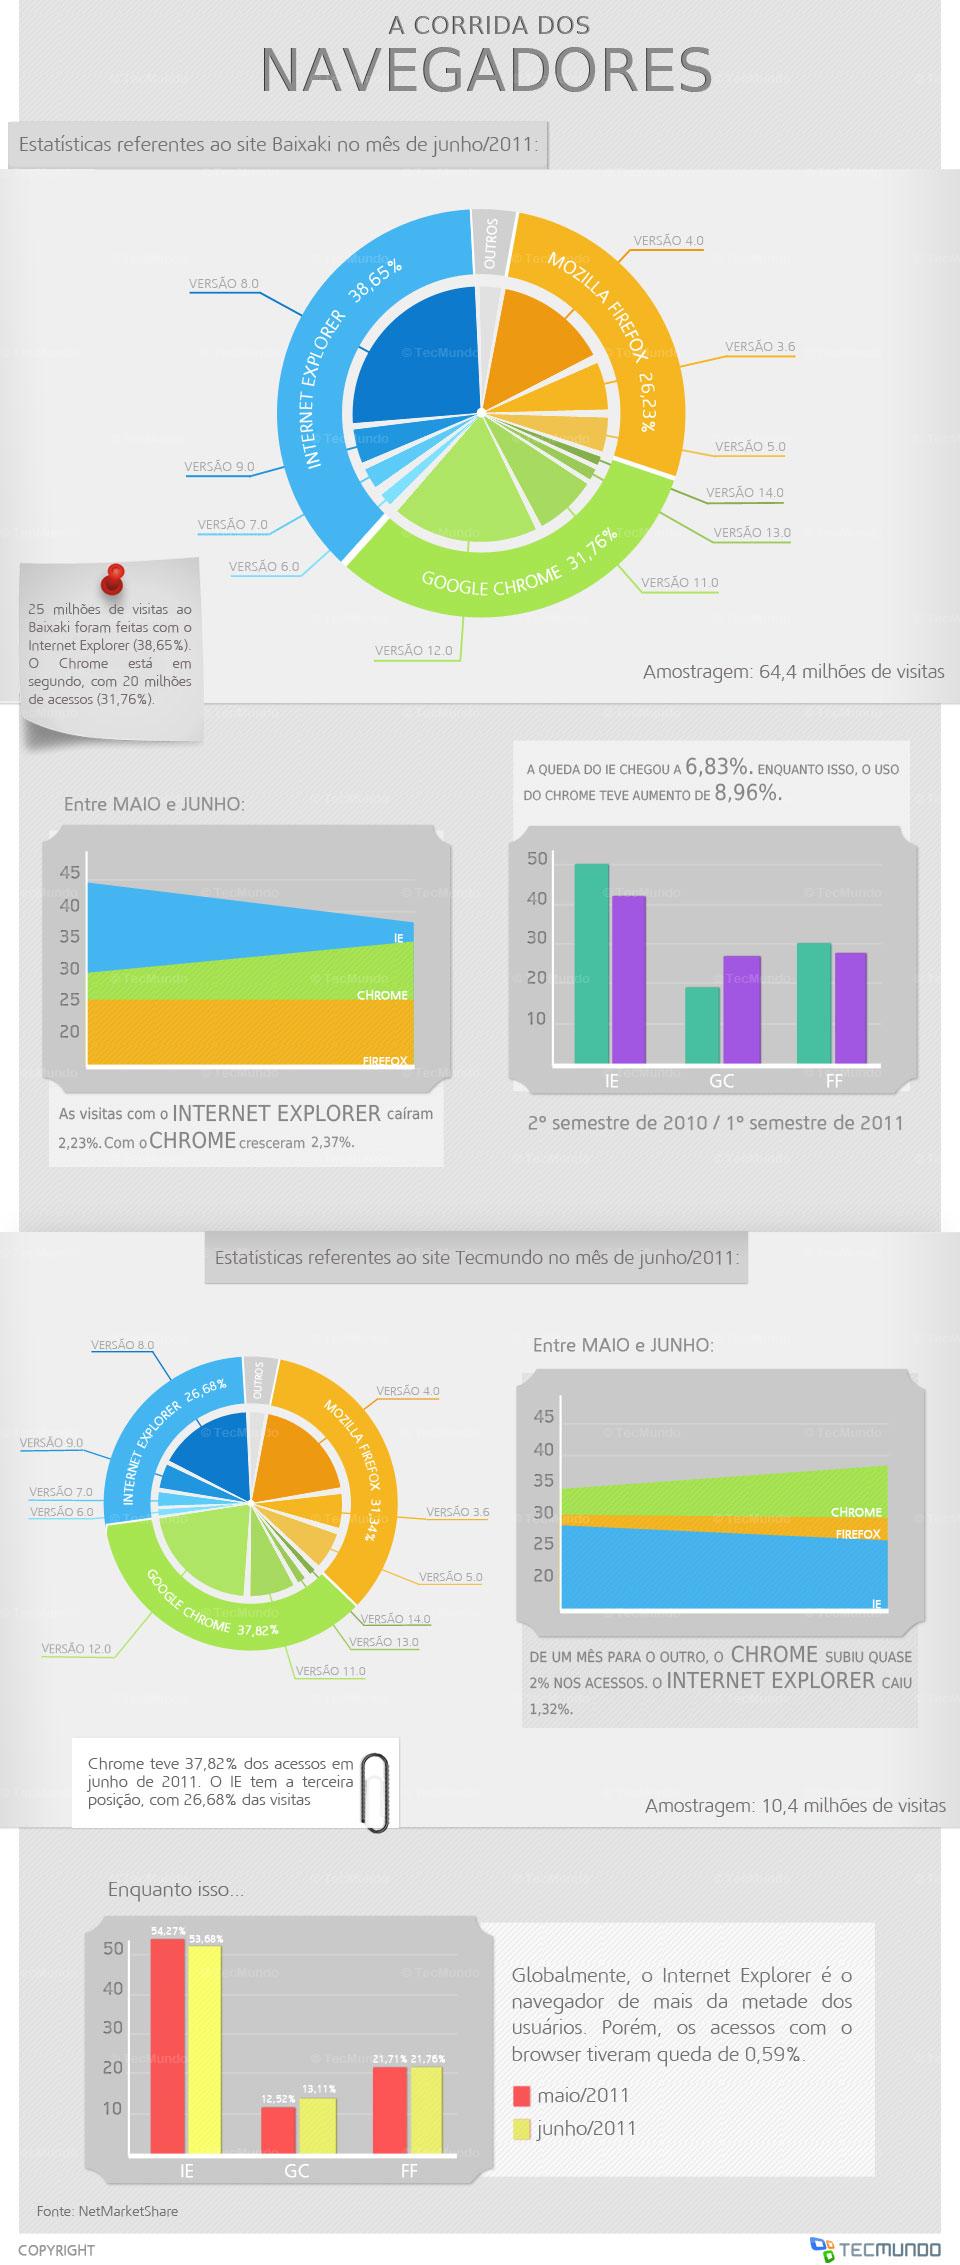 Corrida dos navegadores no primeiro semestre de 2011 [infográfico]